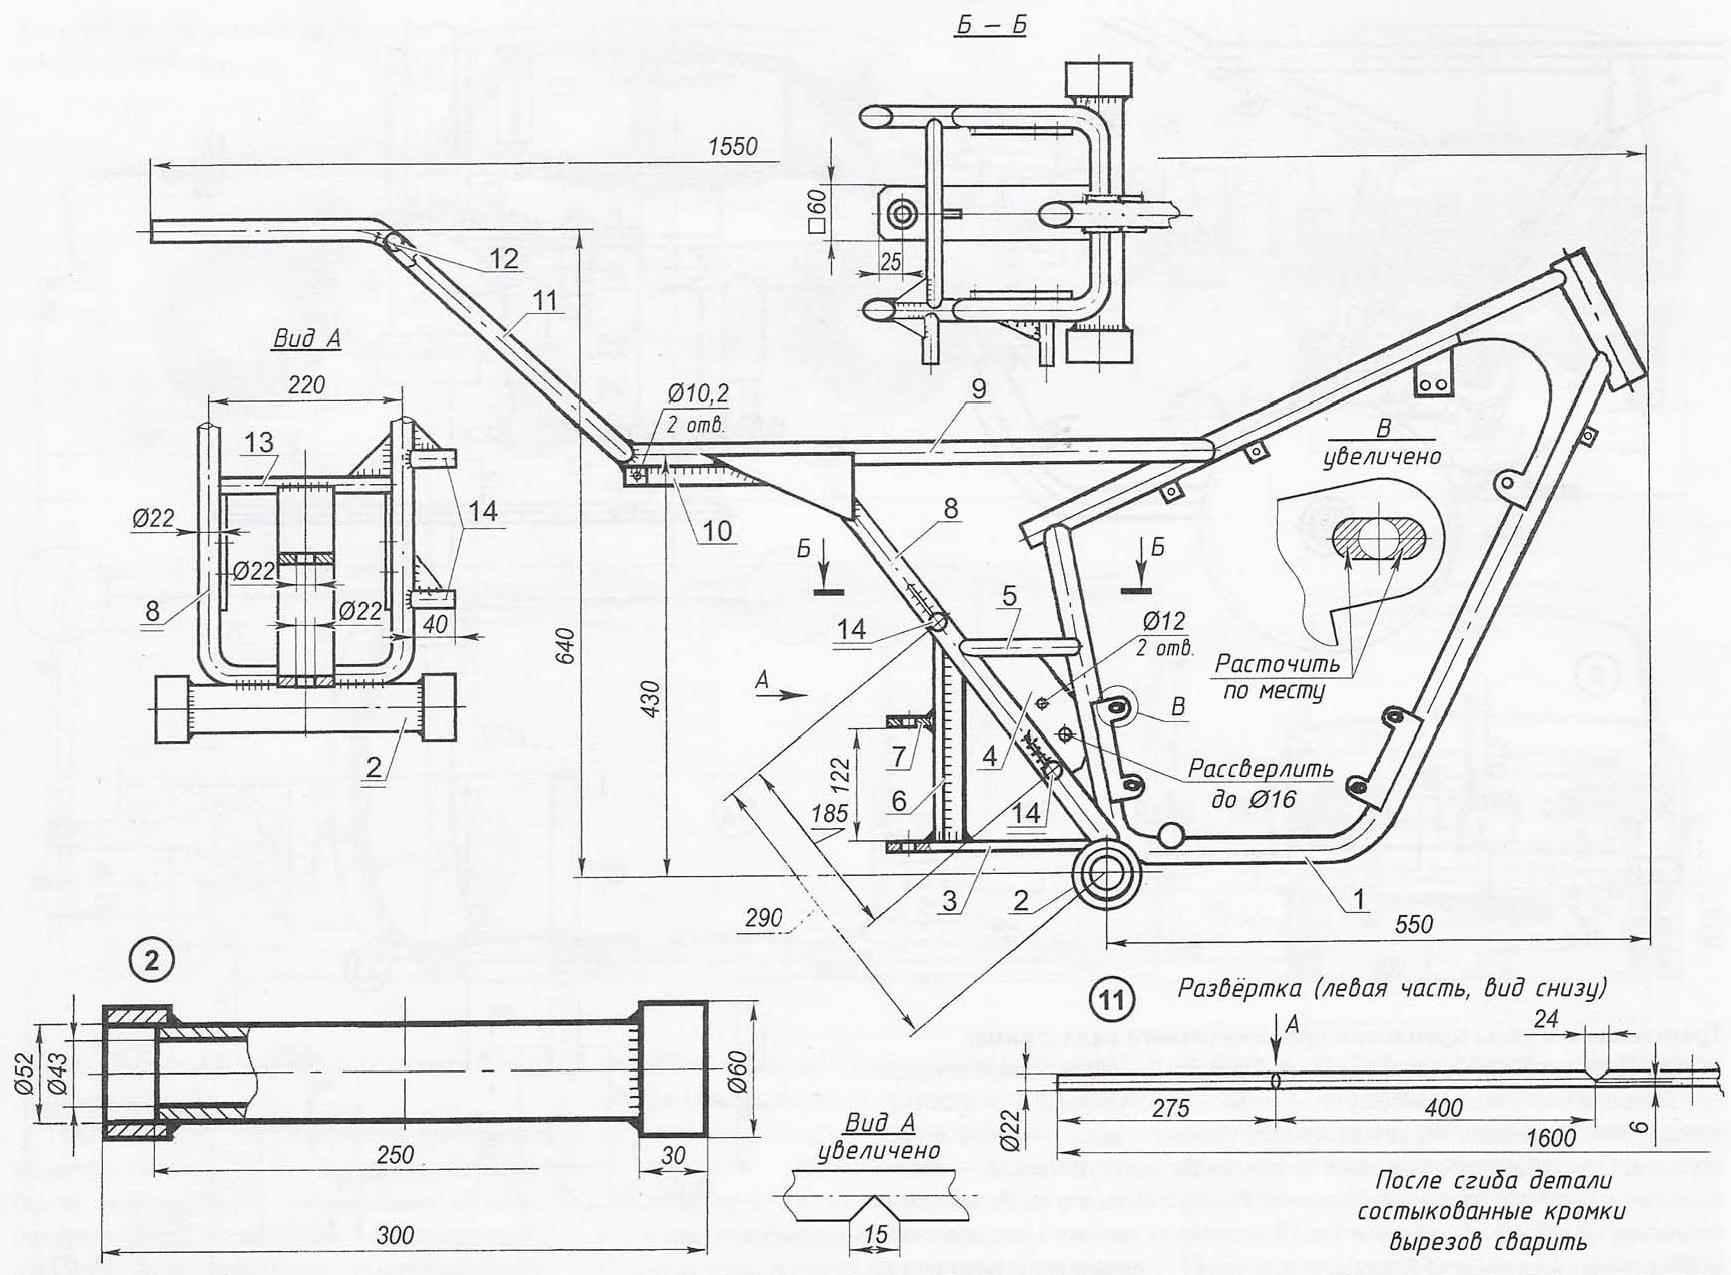 """1 - моторама (от мотоцикла  """"Минск """"); 2 - втулка приводного вала колёс (сталь, круг 60); 3 - консоль (сталь..."""